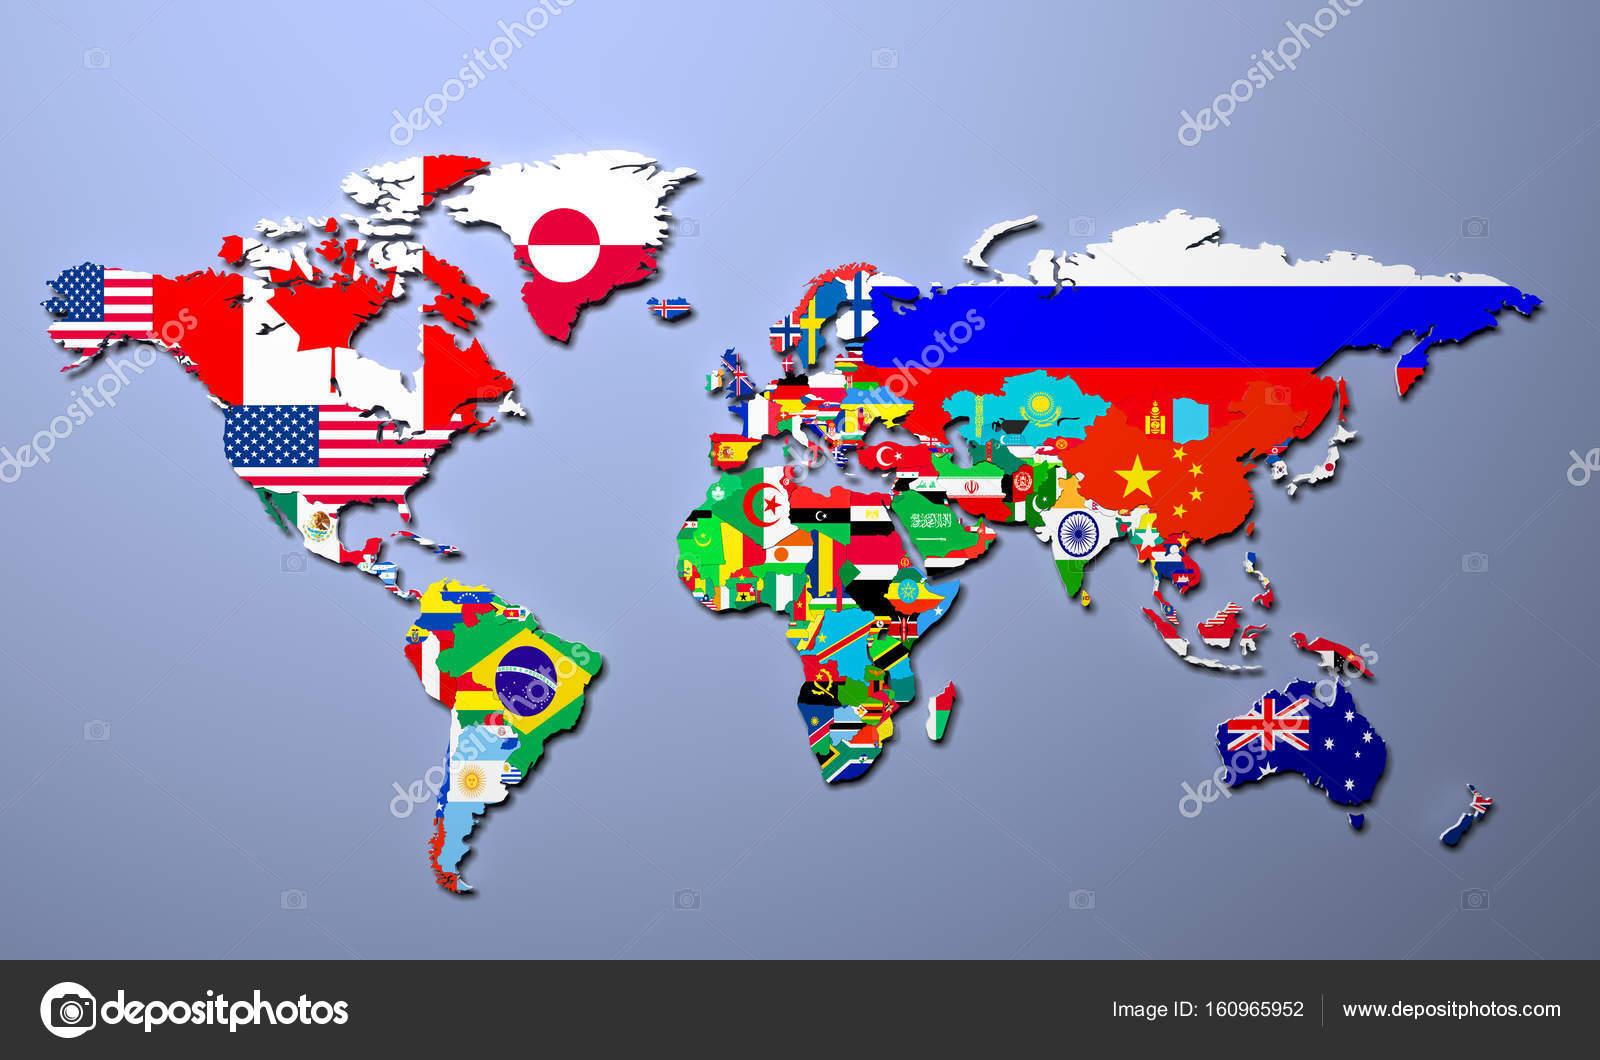 die weltkarte Die Weltkarte mit allen Staaten und ihre Flaggen 3d illustration  die weltkarte